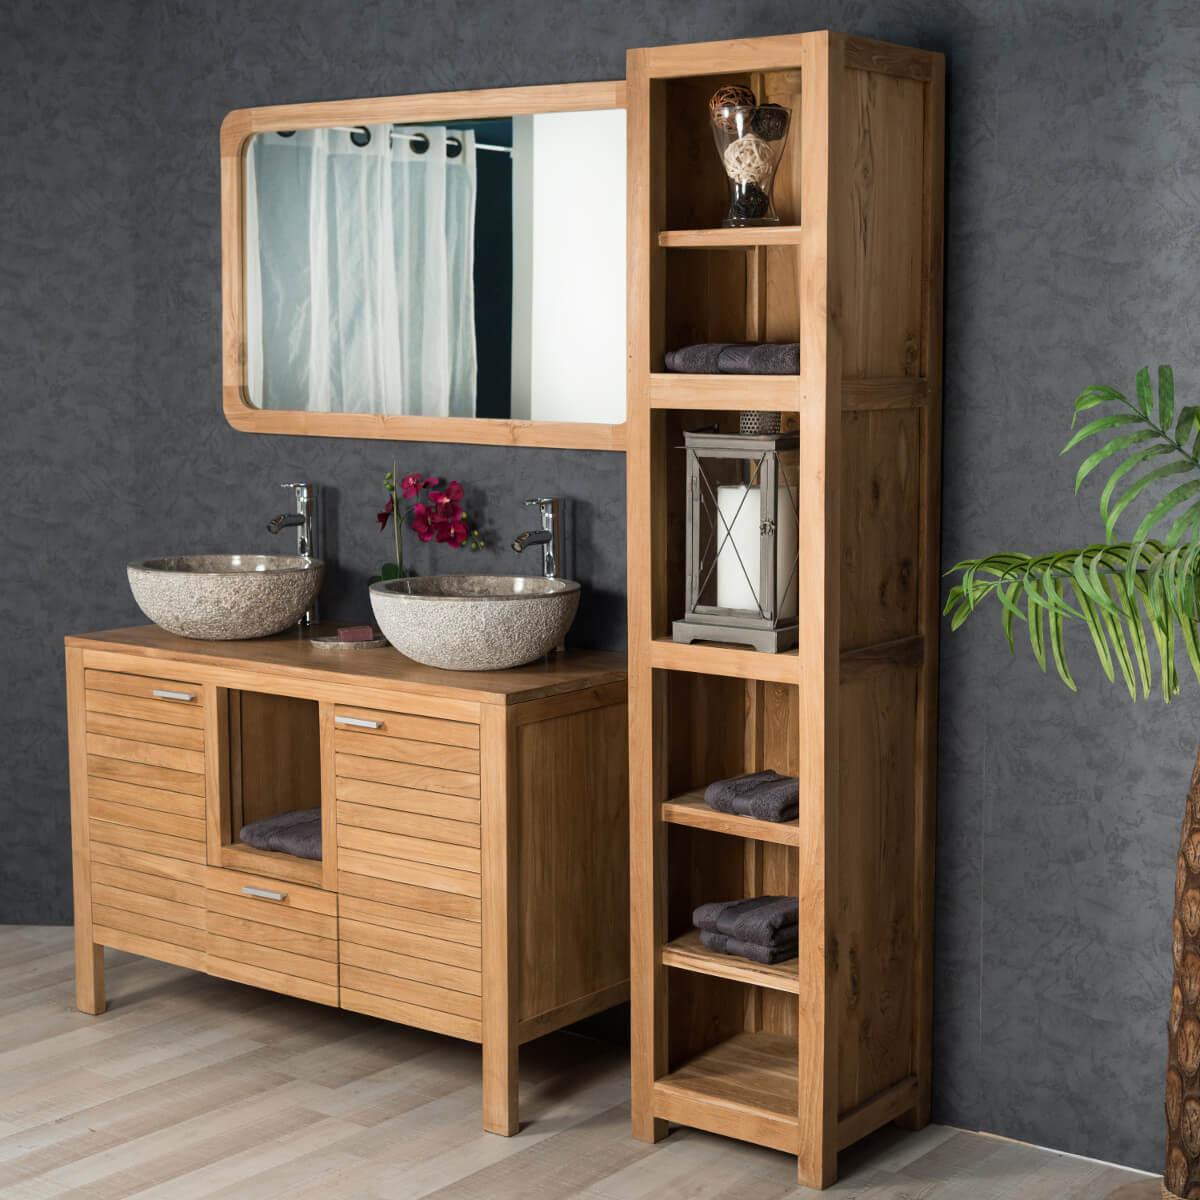 meuble tag res en bois teck massif l 190 cm. Black Bedroom Furniture Sets. Home Design Ideas